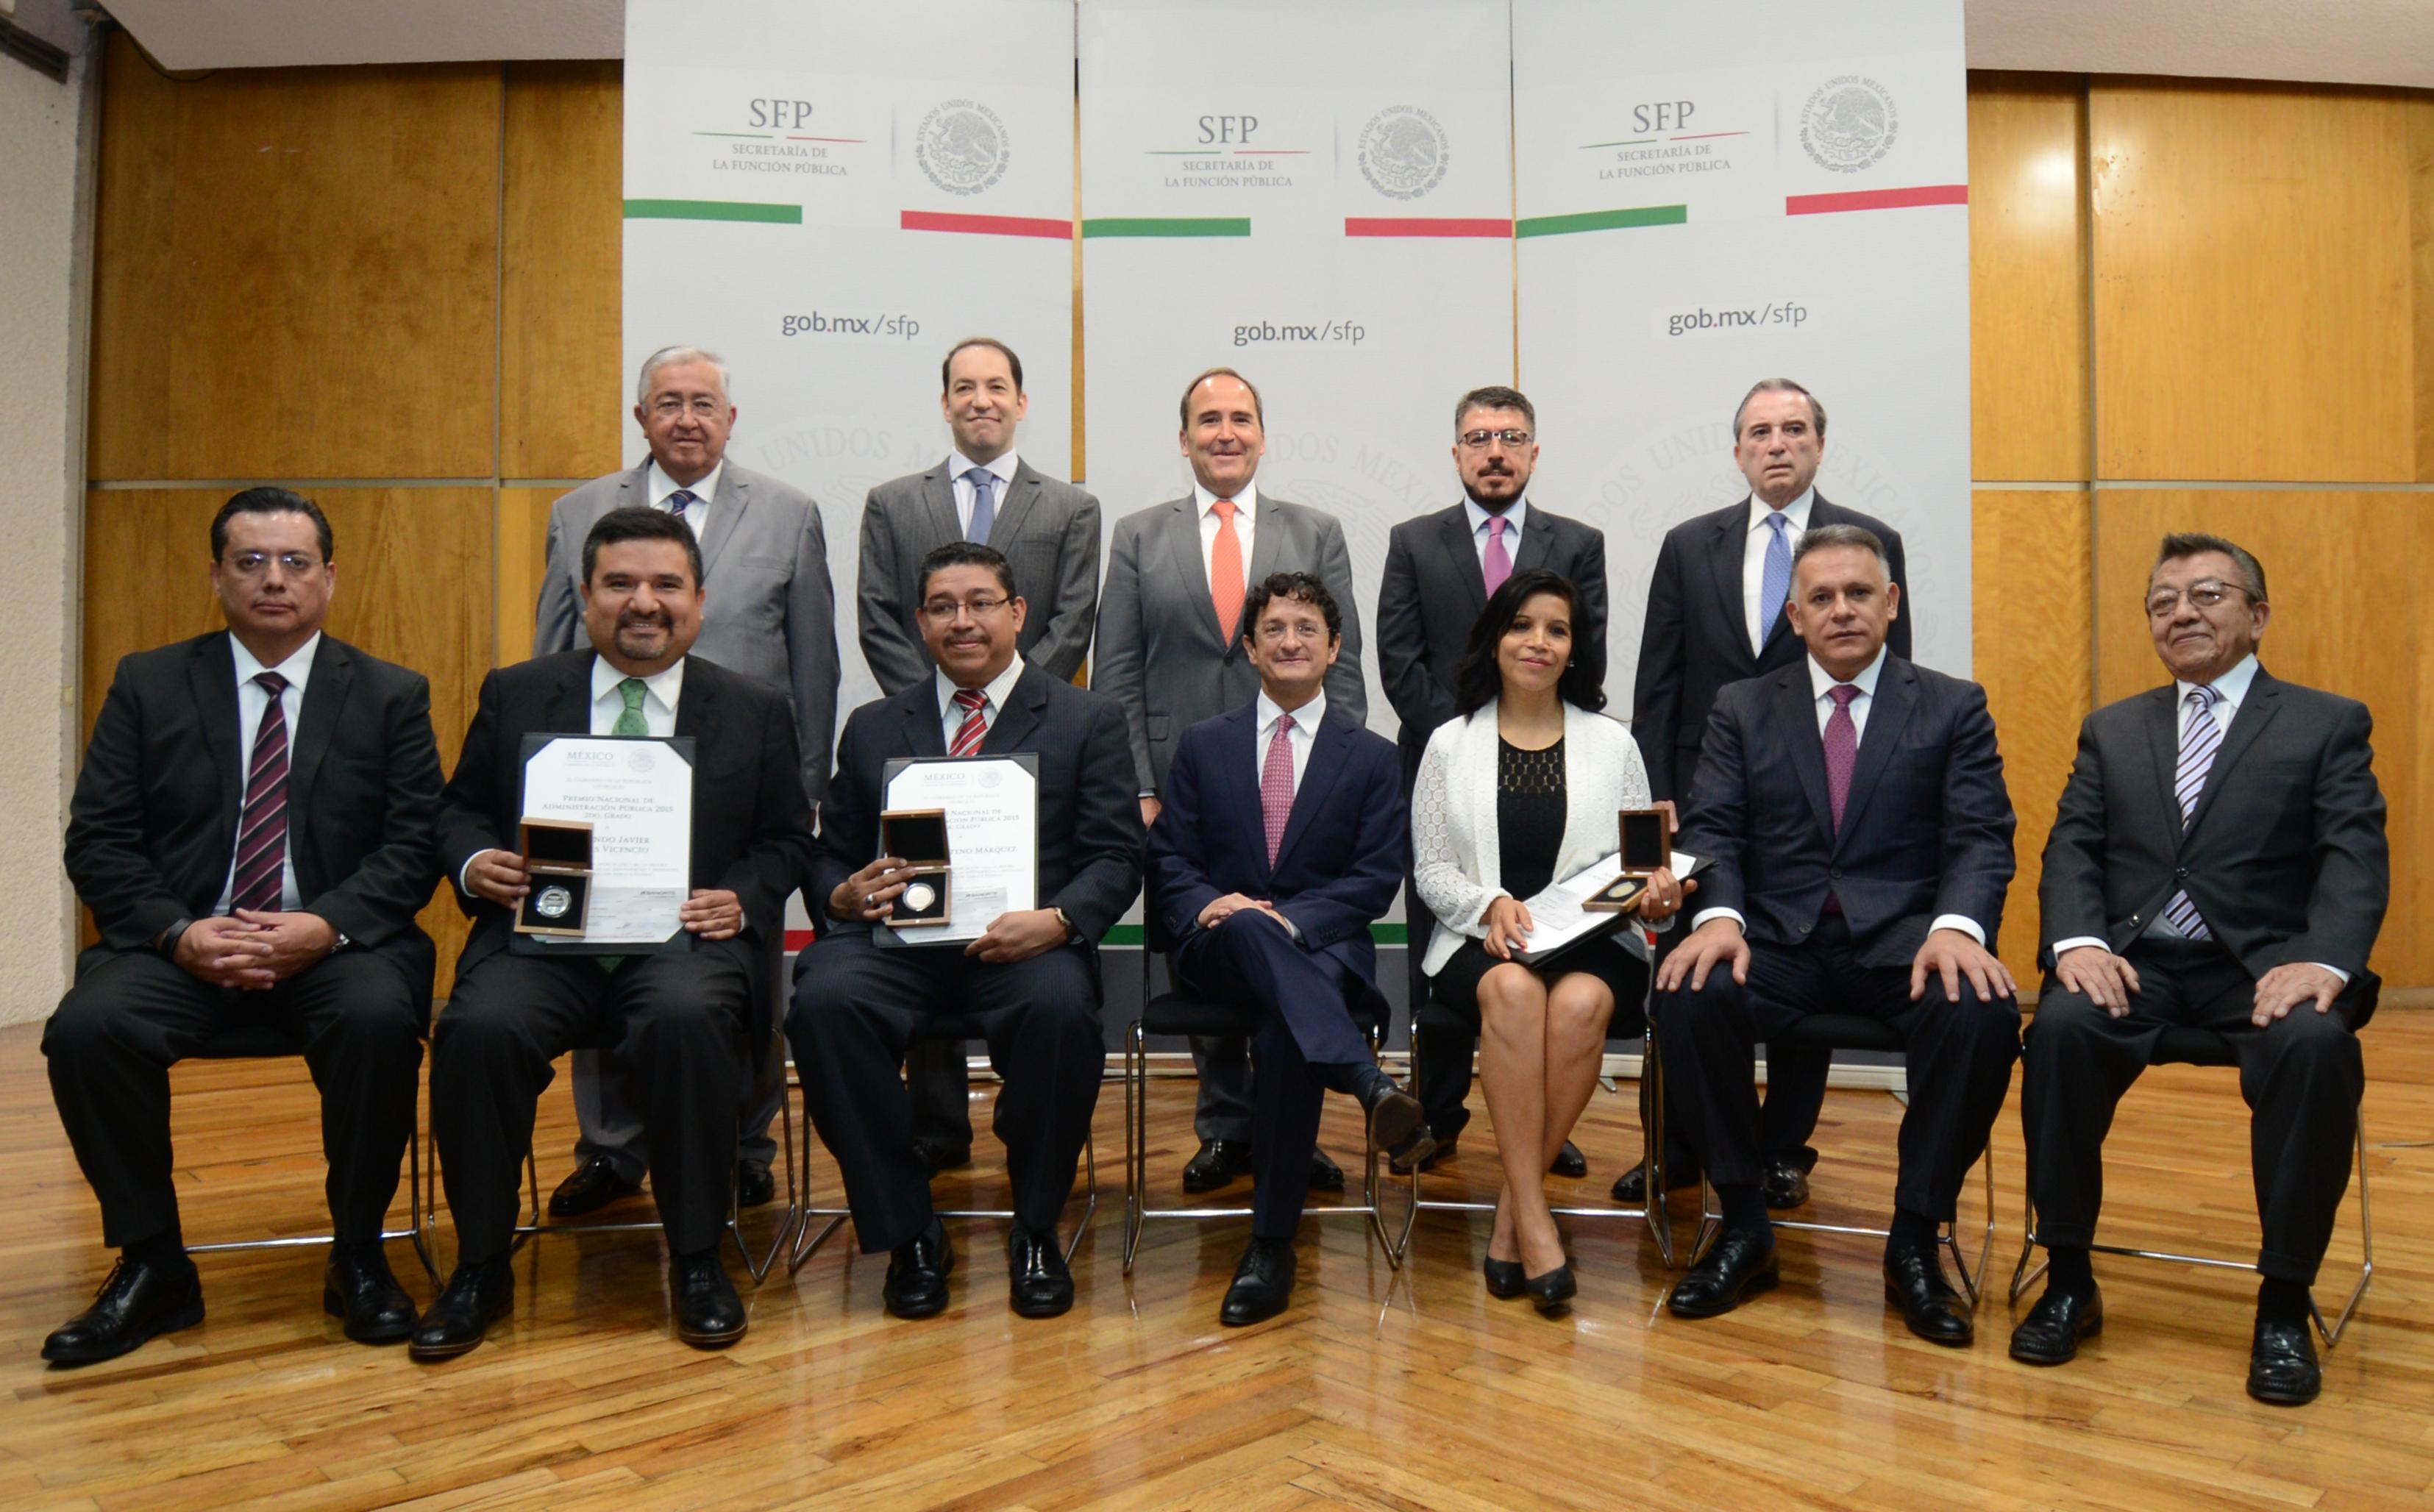 Foto Oficial Premio Nacional de la Administración Pública 2015